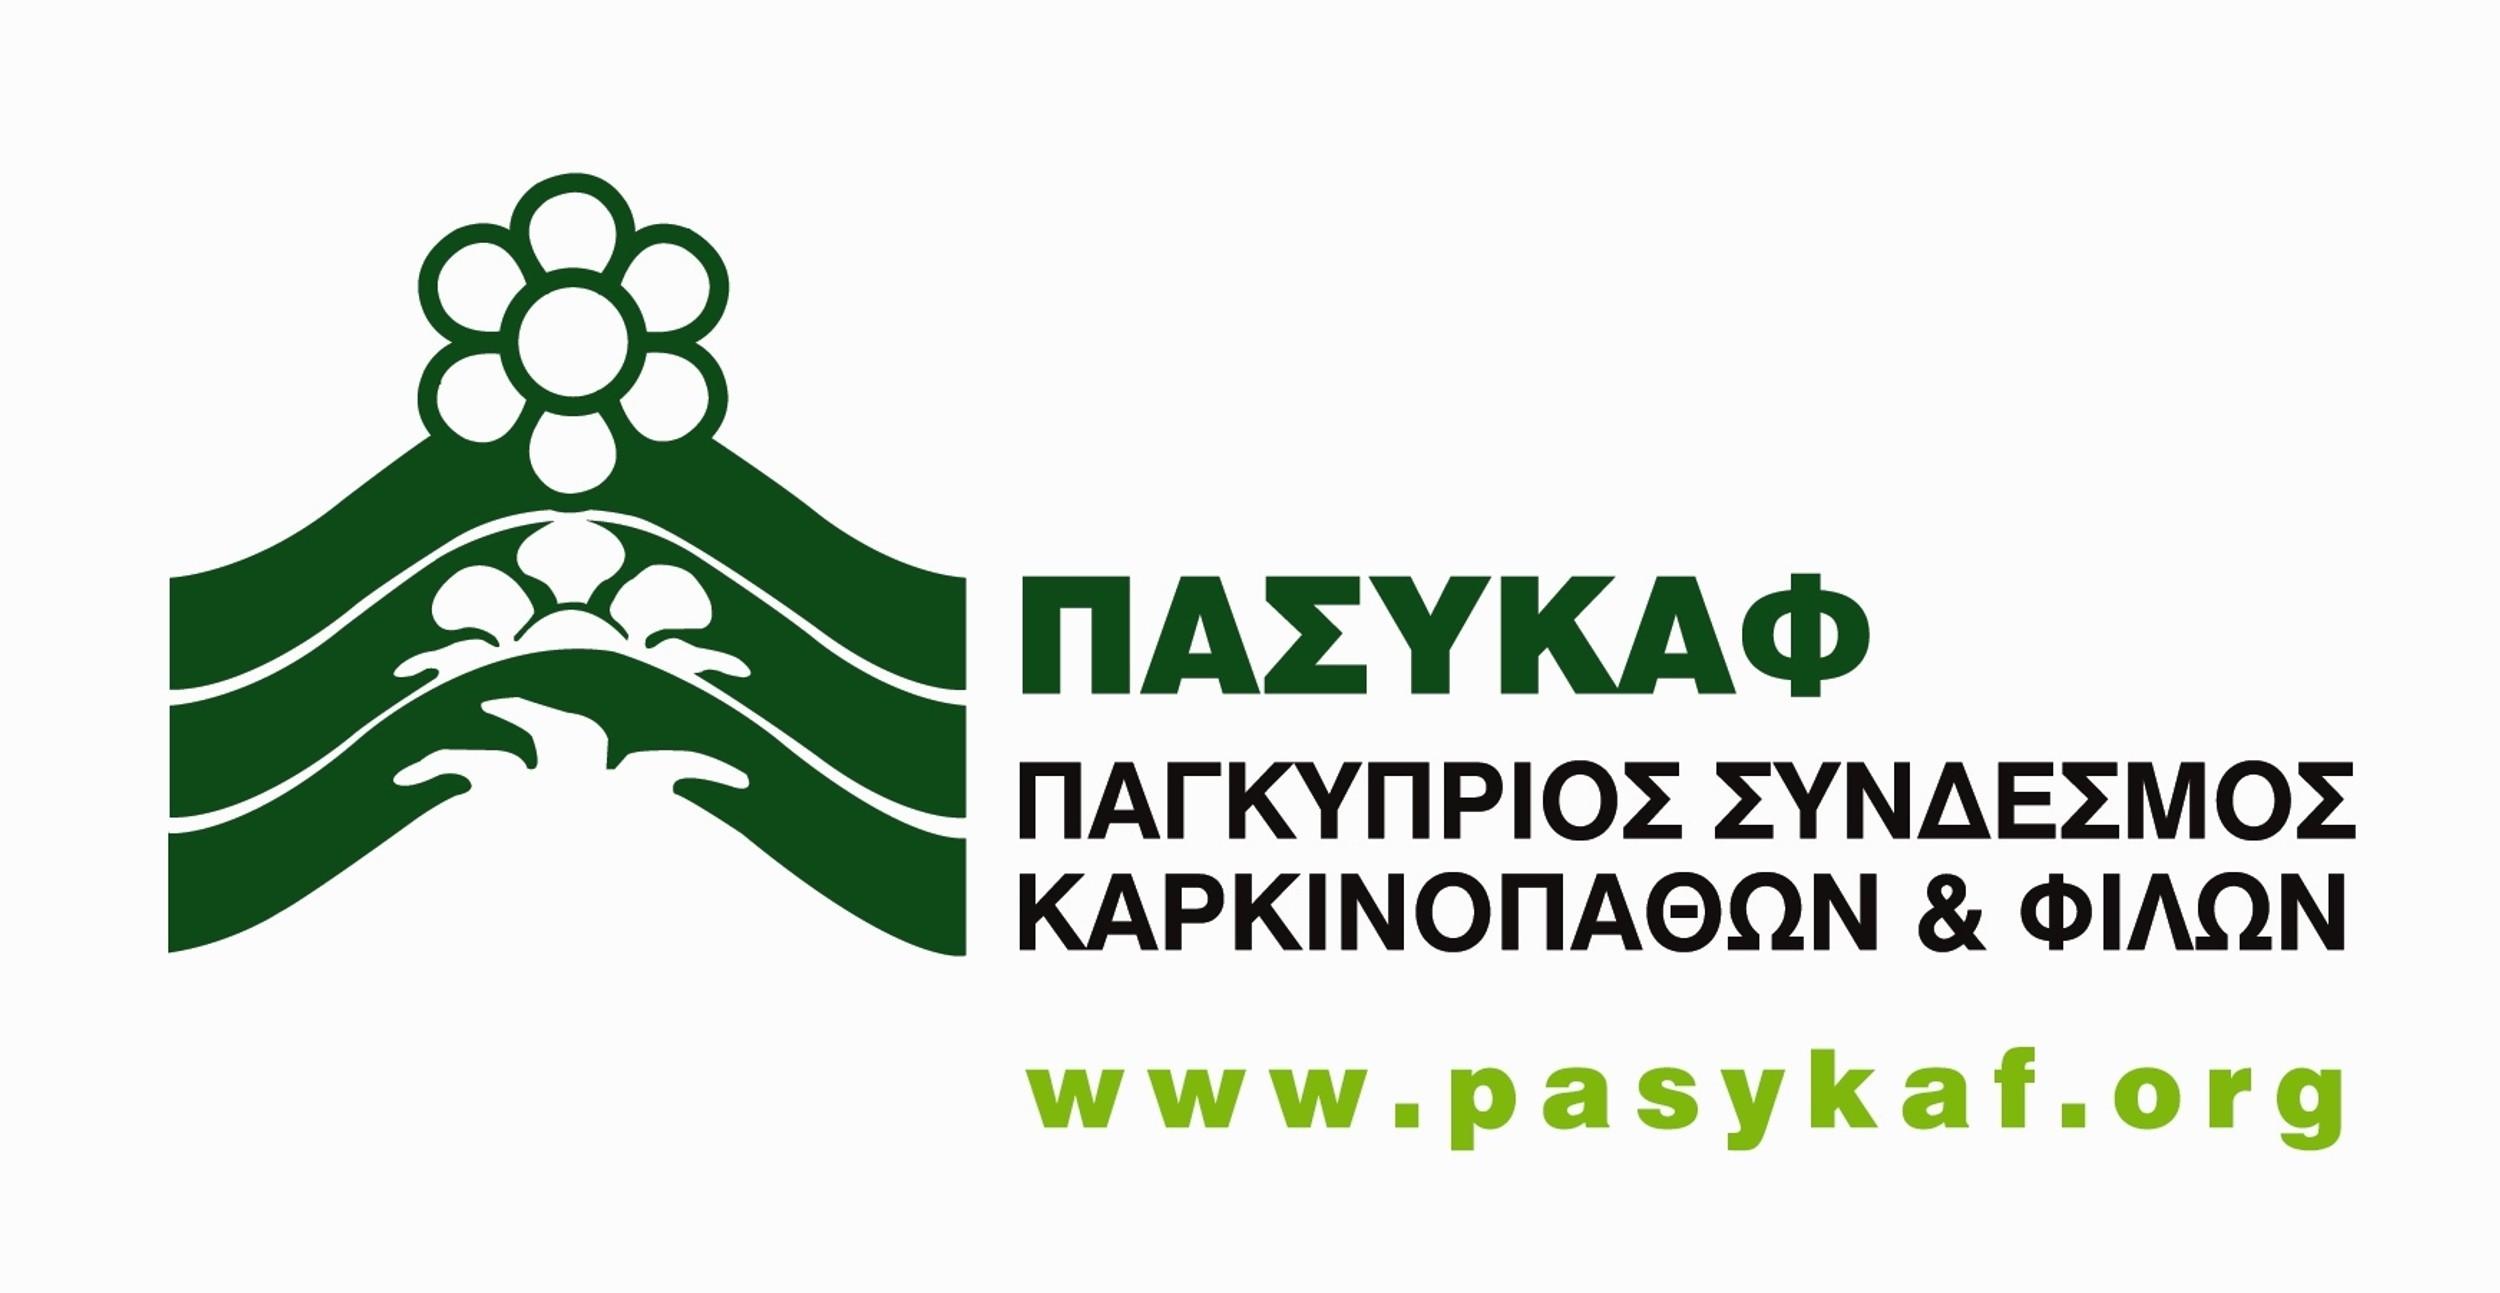 Ετησίως στην Κύπρο 36 νέα περιστατικά καρκίνου του τραχήλου της μήτρας, αναφέρει ο ΠΑΣΥΚΑΦ